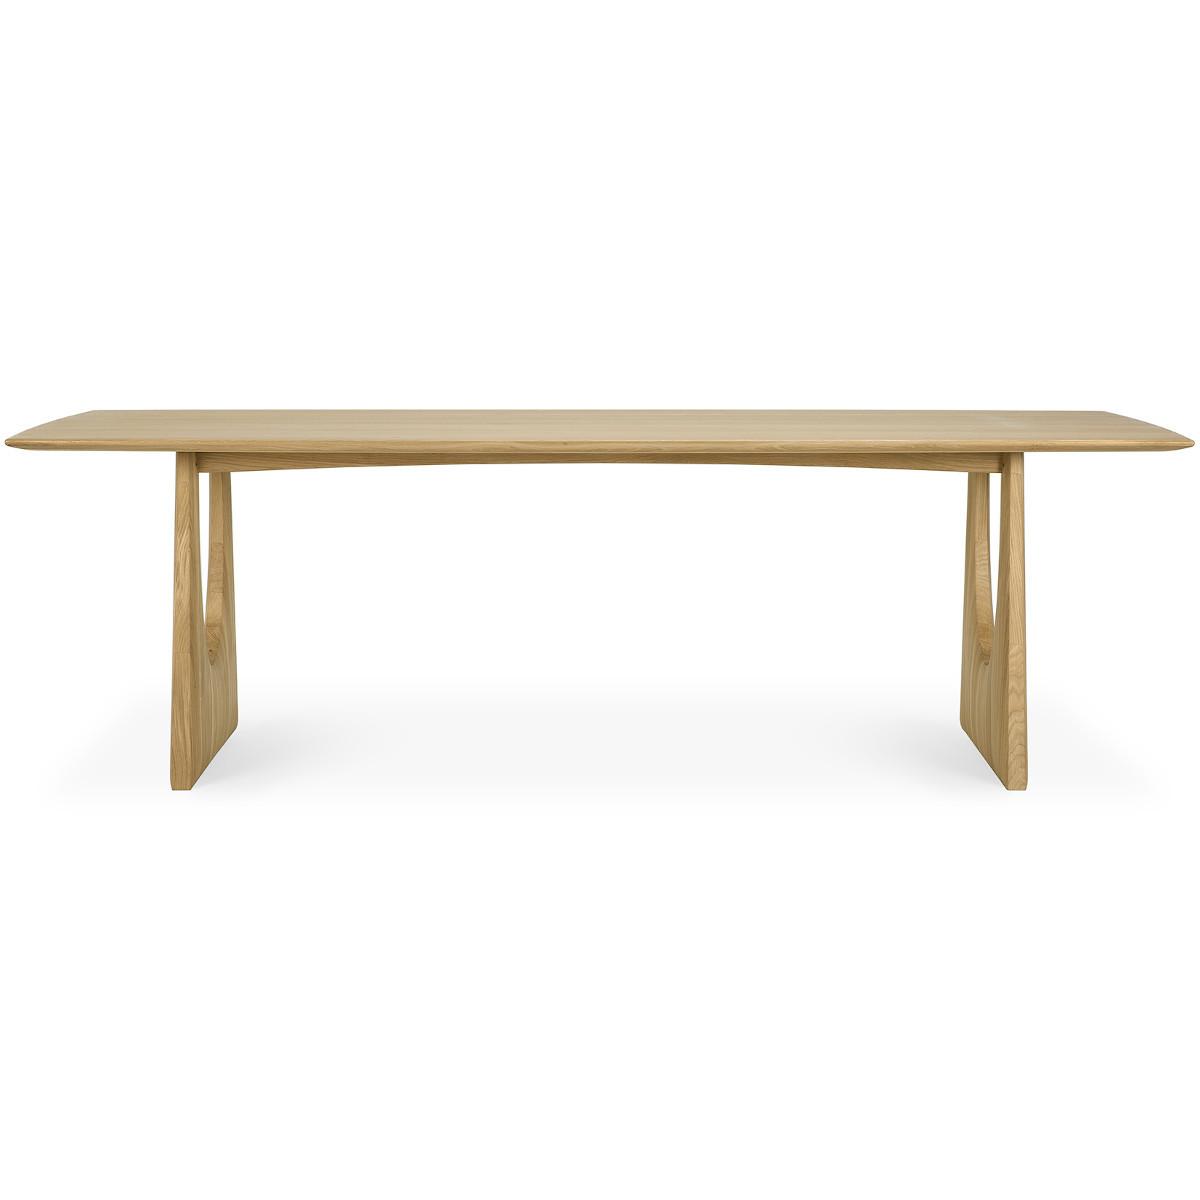 Dębowy stół Geometric Ethnicrft